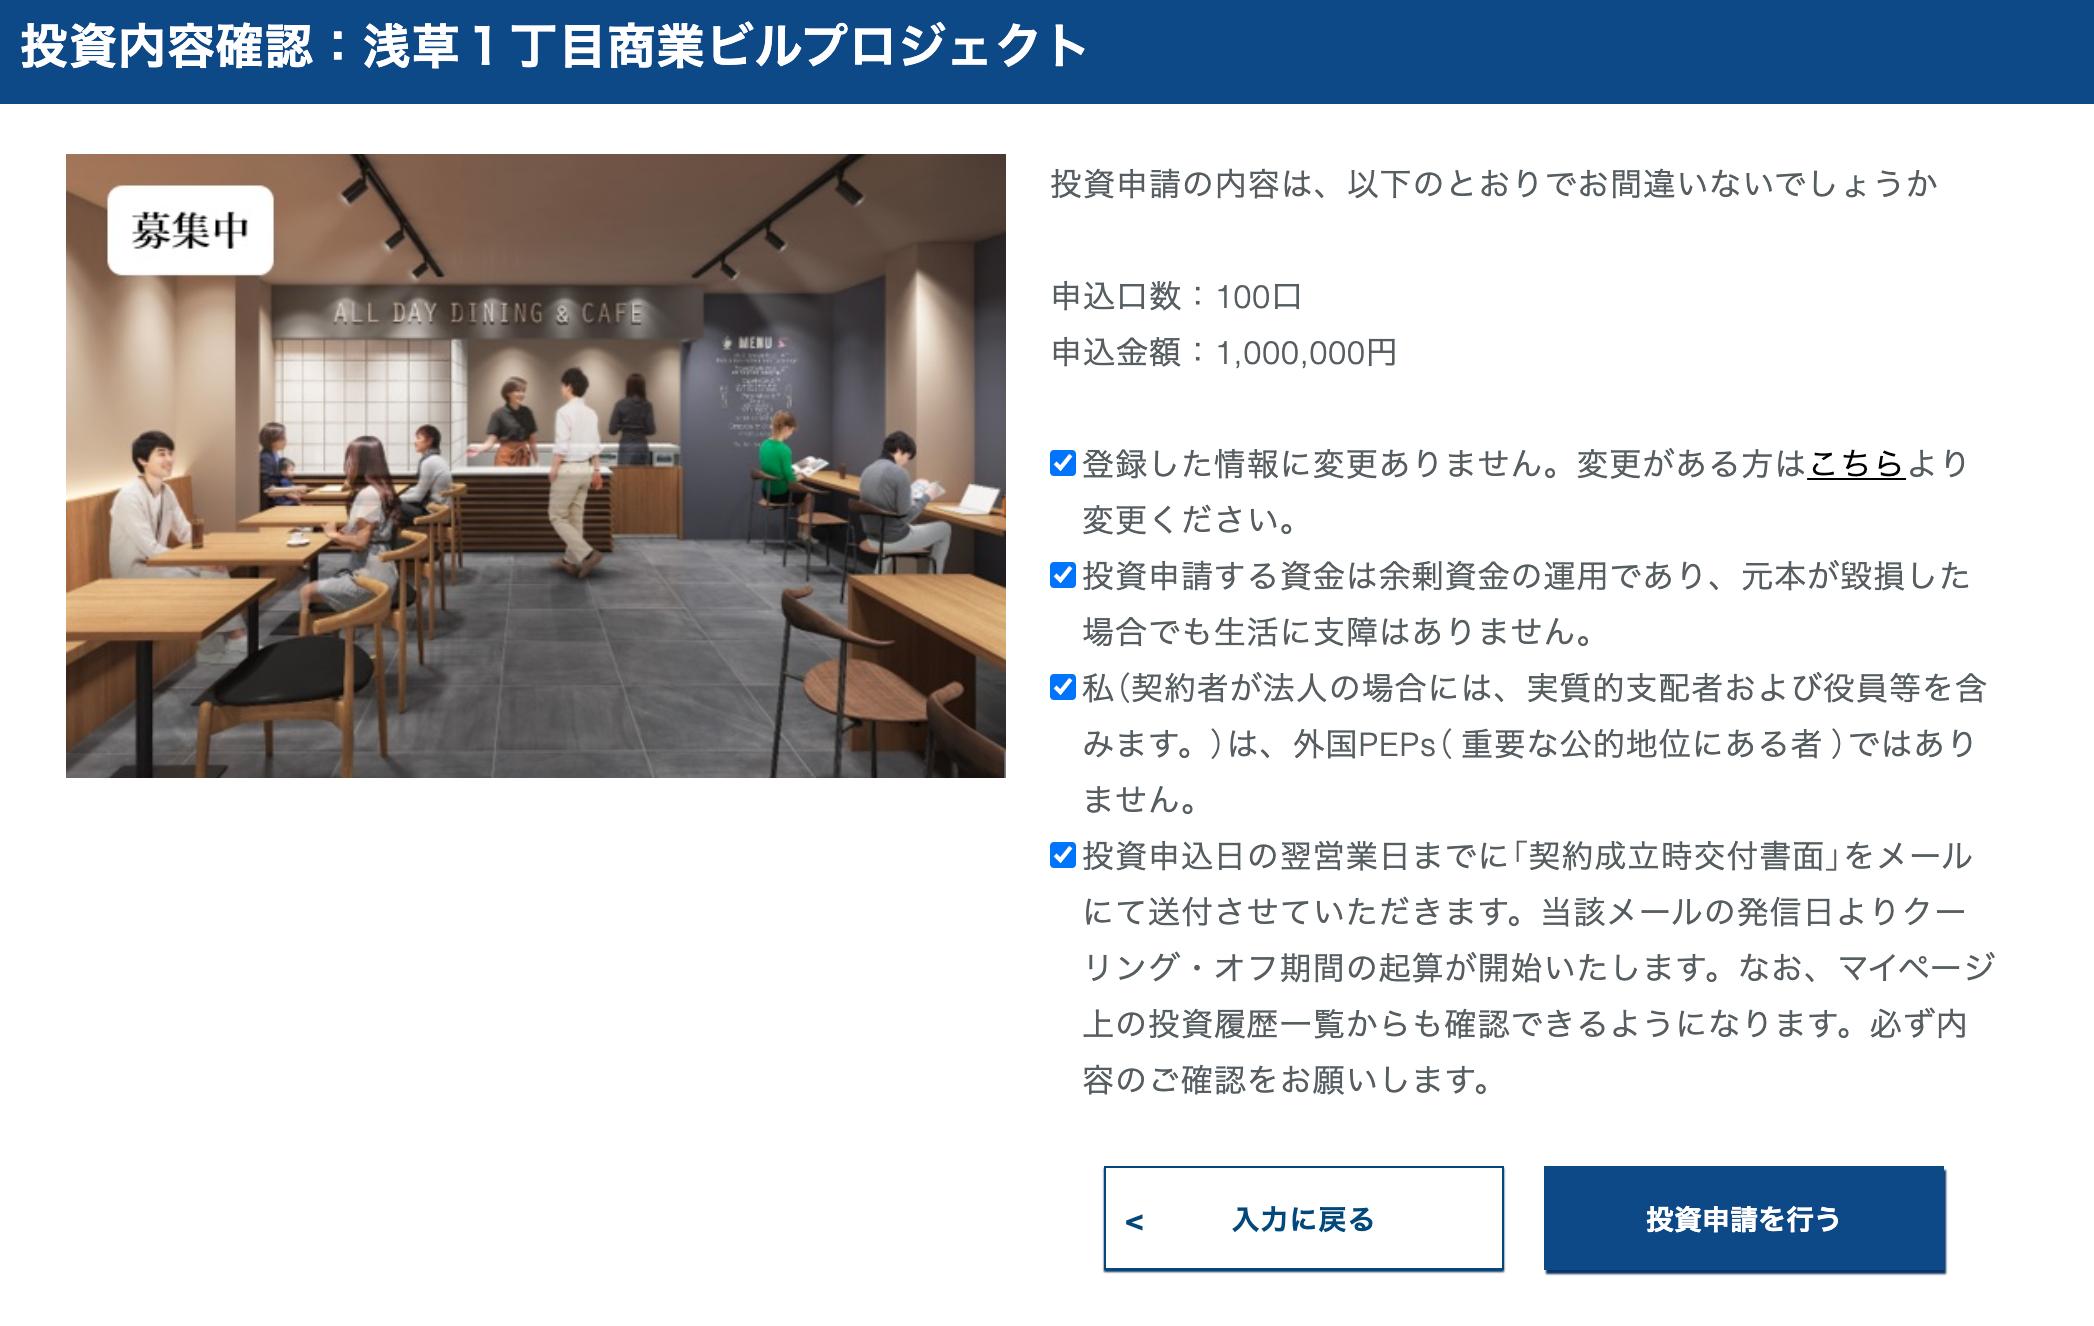 スクリーンショット 2021-05-04 0.07.47